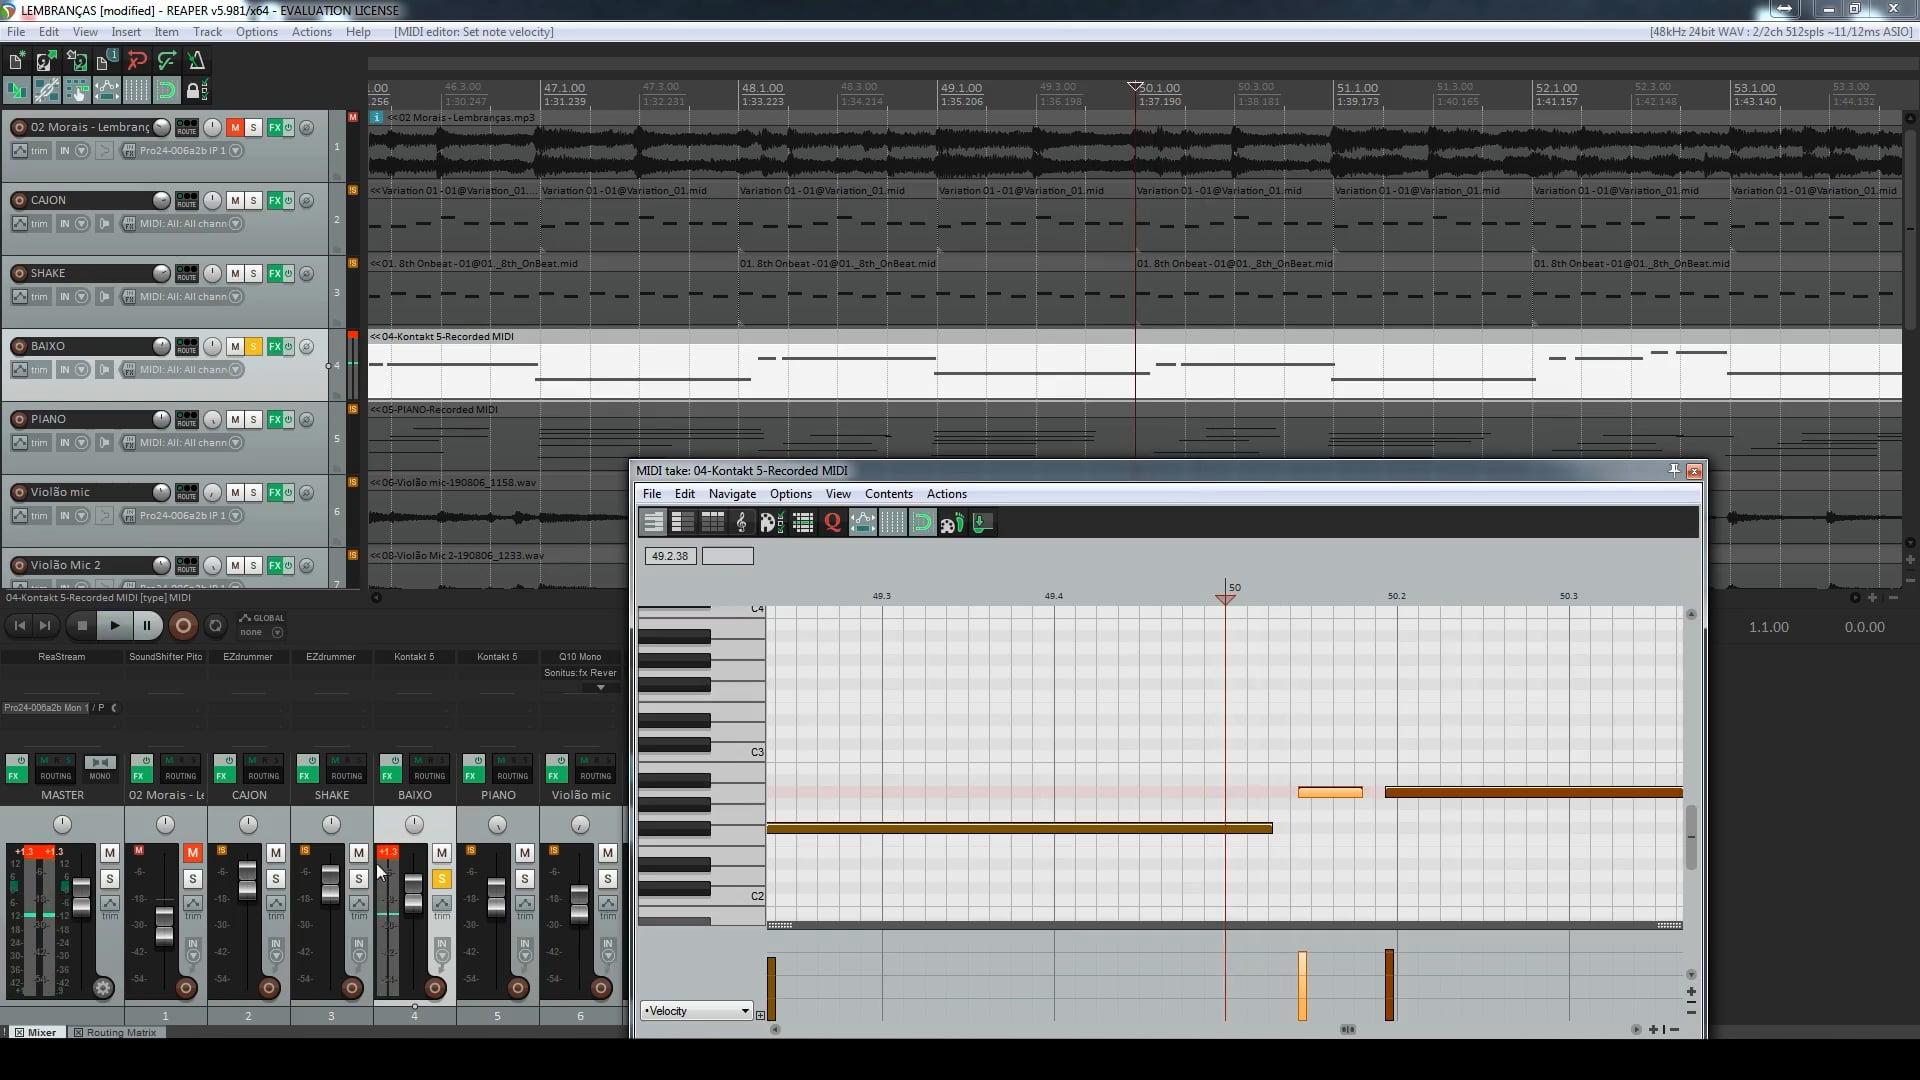 Projeto Aberto de Reprodução - Exportando Trilhas da música Lembranças